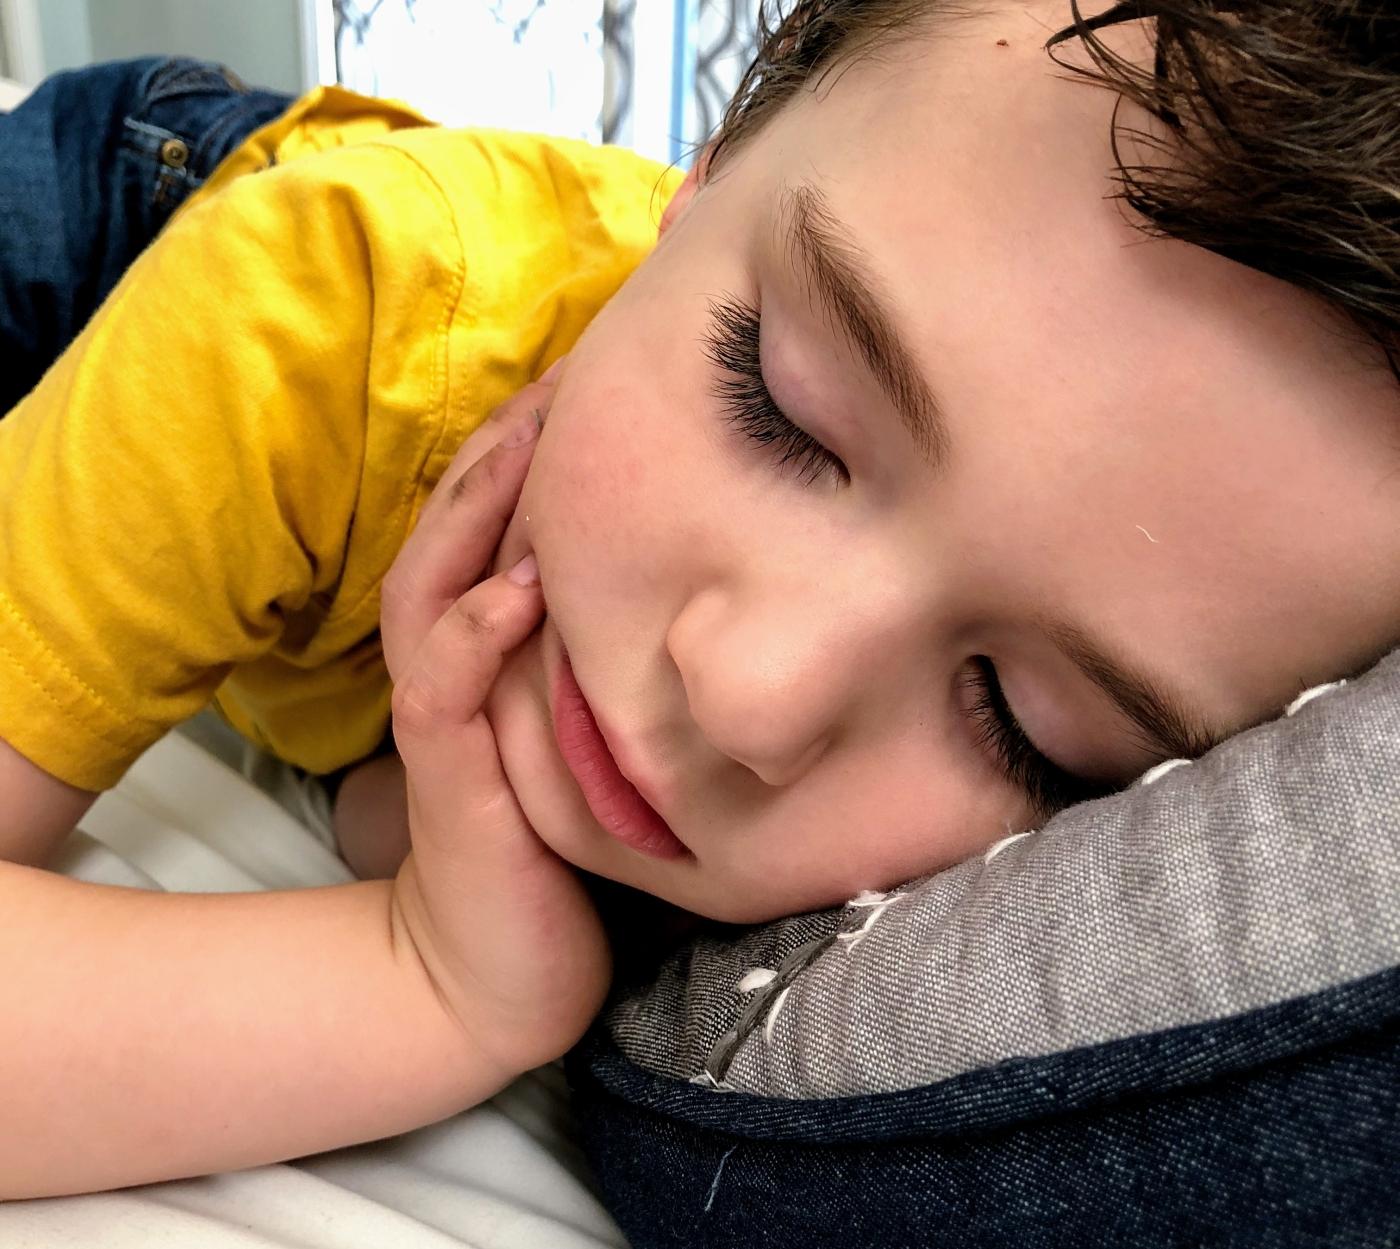 Sleepy toddler, weekends are exhausting